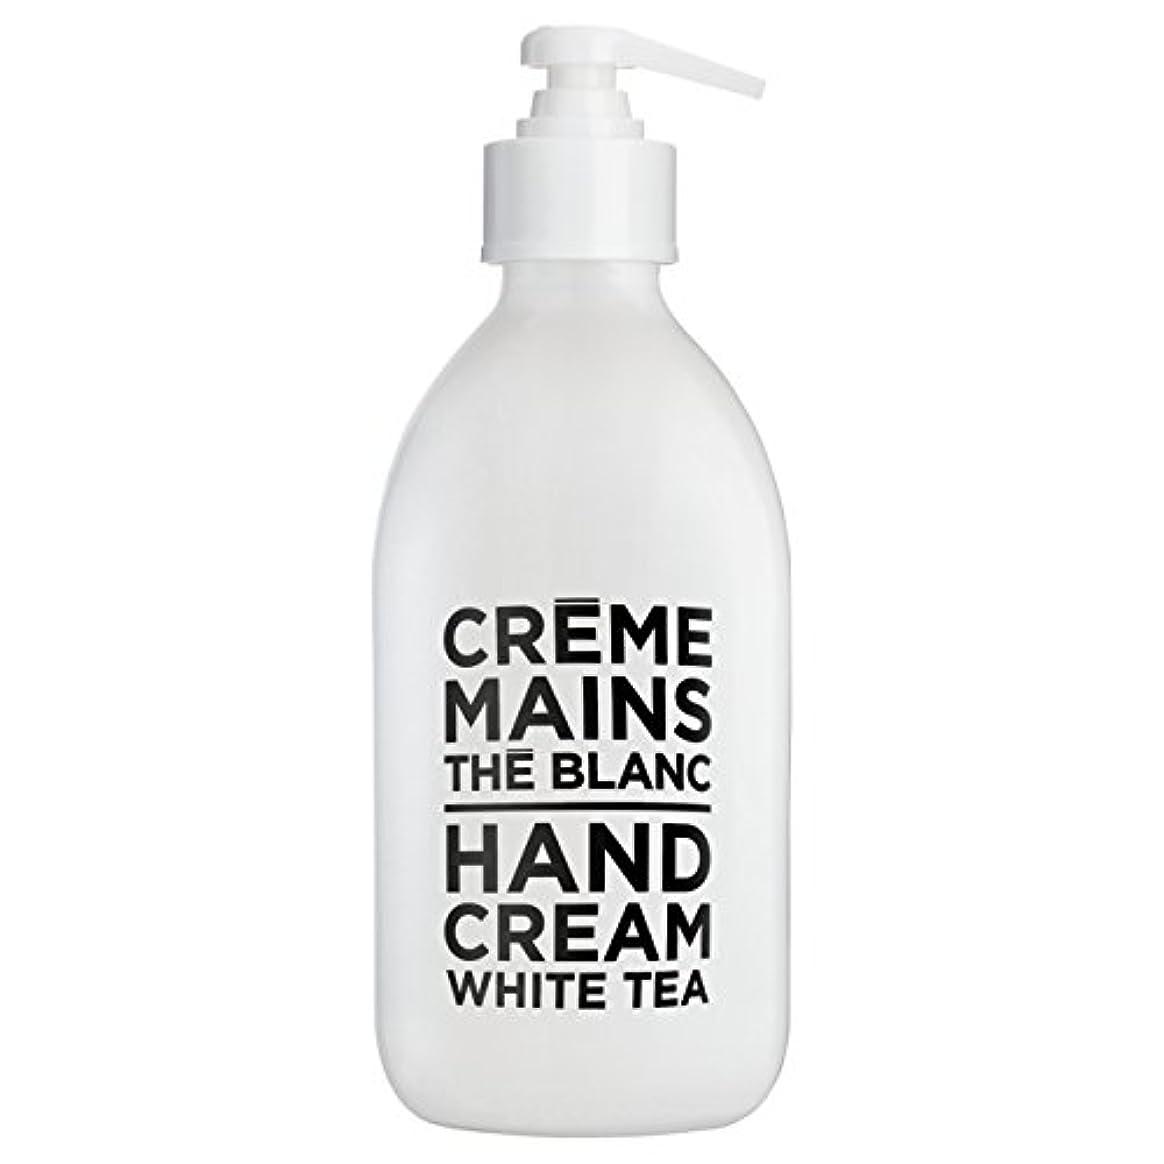 皮肉なカビ呼吸カンパニードプロバンス ブラック&ホワイト ハンドクリーム ホワイトティー(ホワイトティーにシトラスを添えた気品ある香り) 300ml